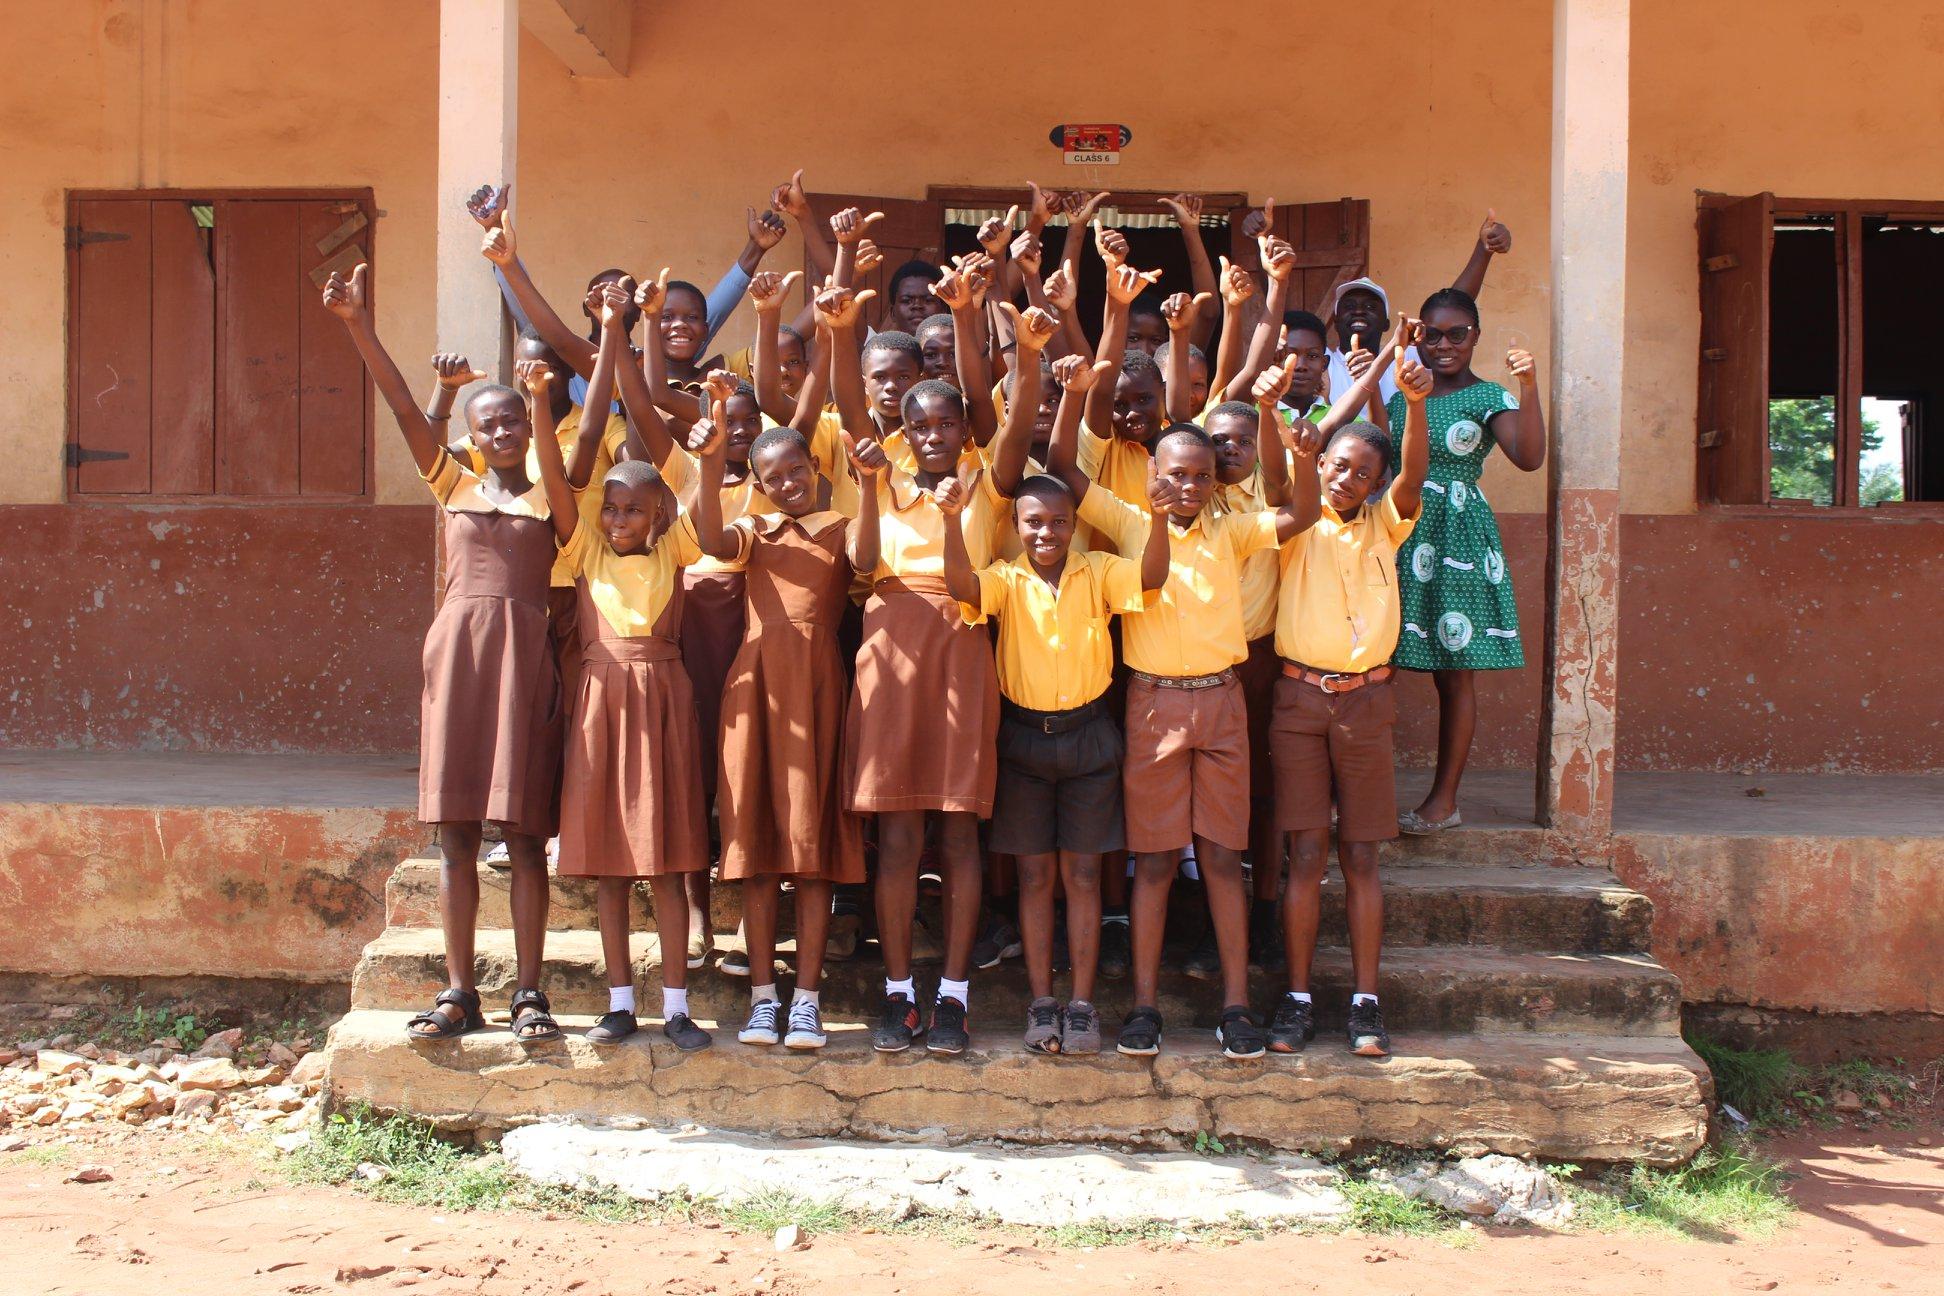 African School cheering